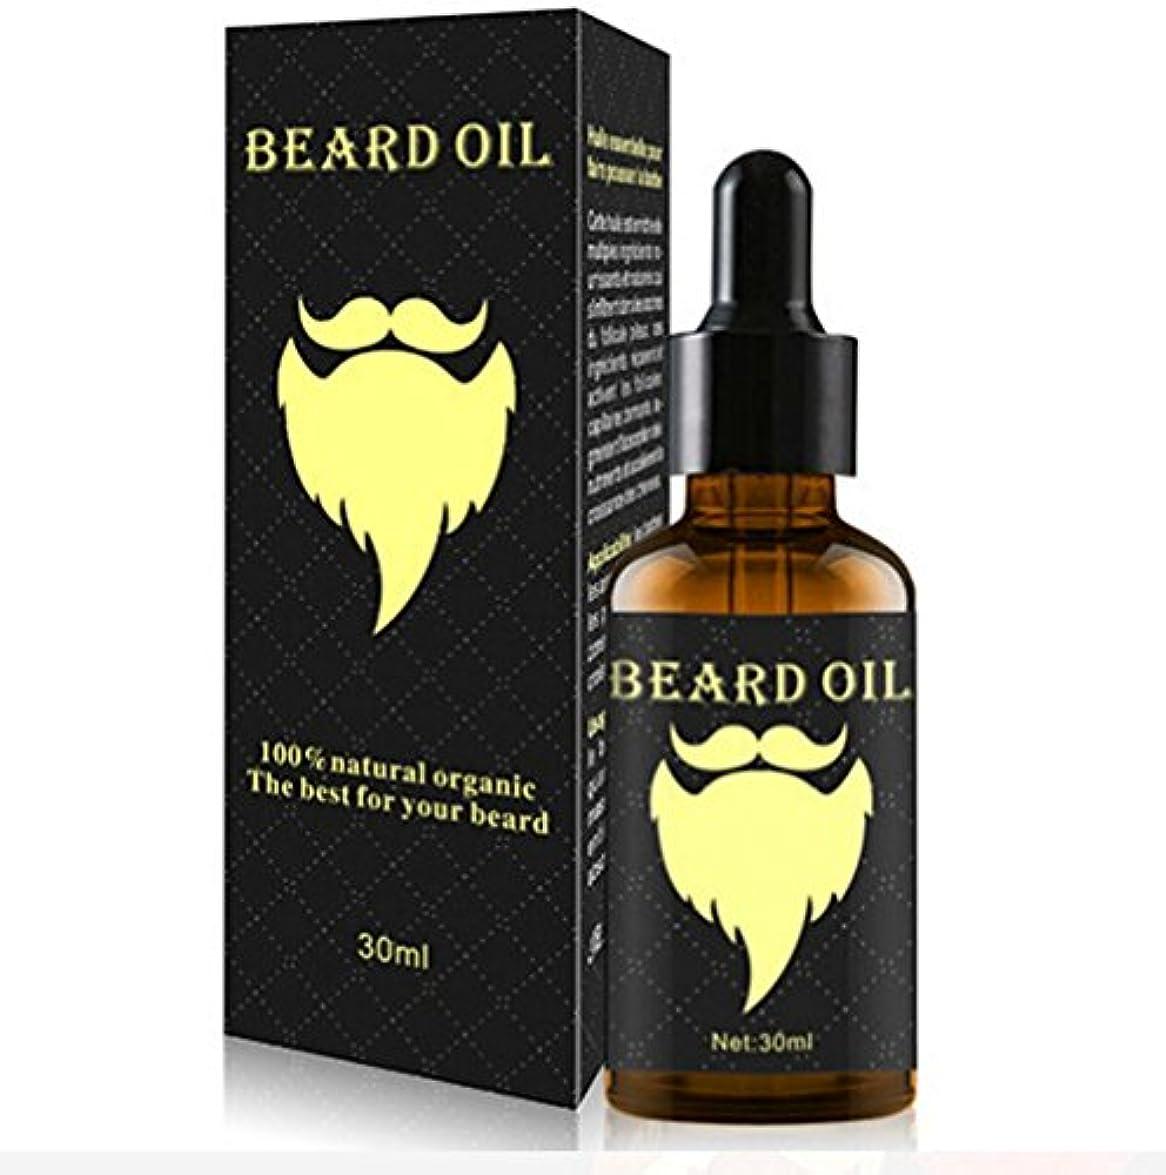 それから相談変わる男性用30ml 1オンスひげ油ひげ口髭成長エッセンシャルオイルアイブロー毛髪成長用トリートメント液、100%オーガニックナチュラル (gold)